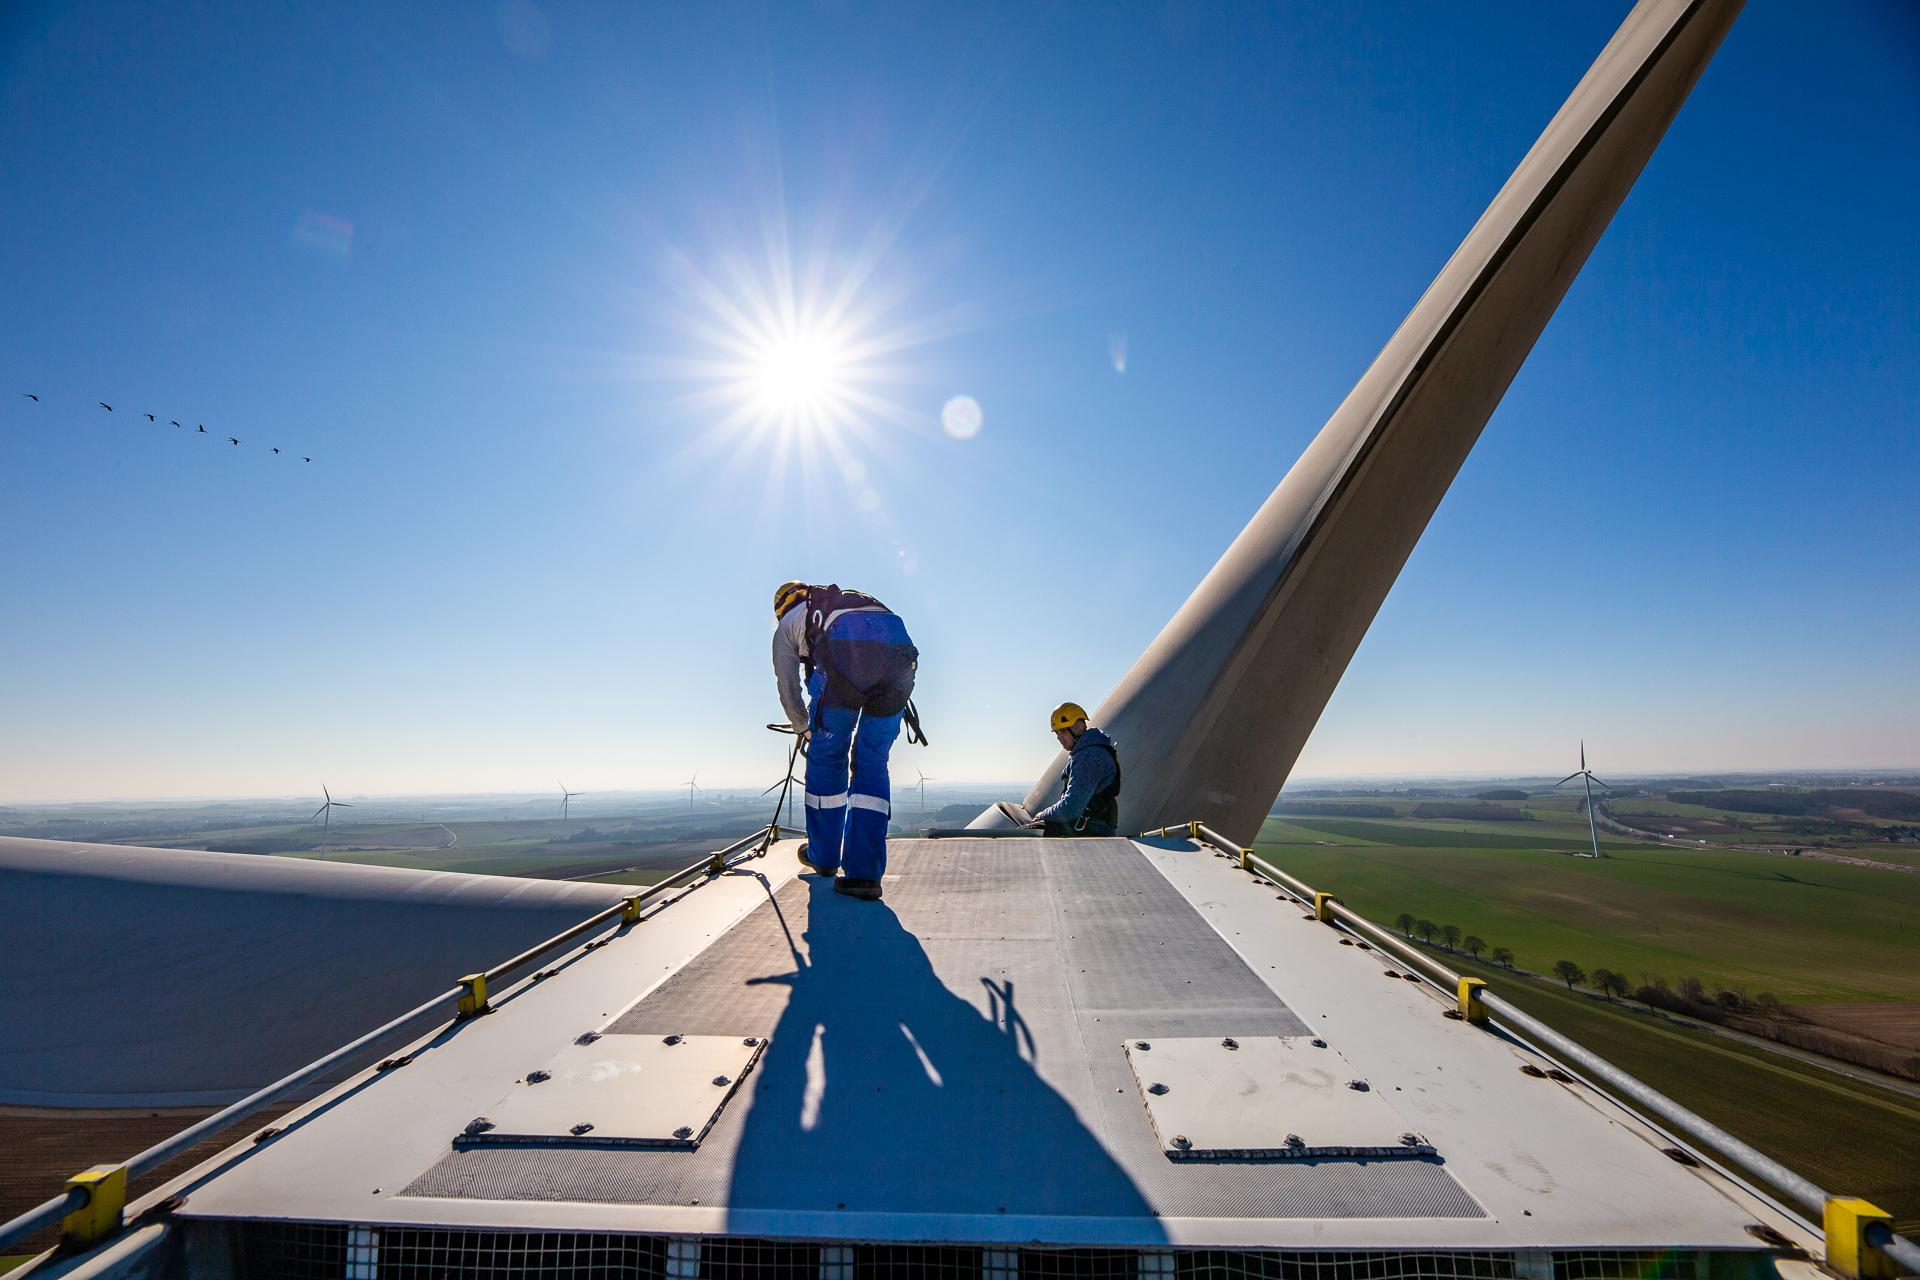 Kallista_Energy_Picardie_Omissy-4392©Stephane_Leroy.jpg